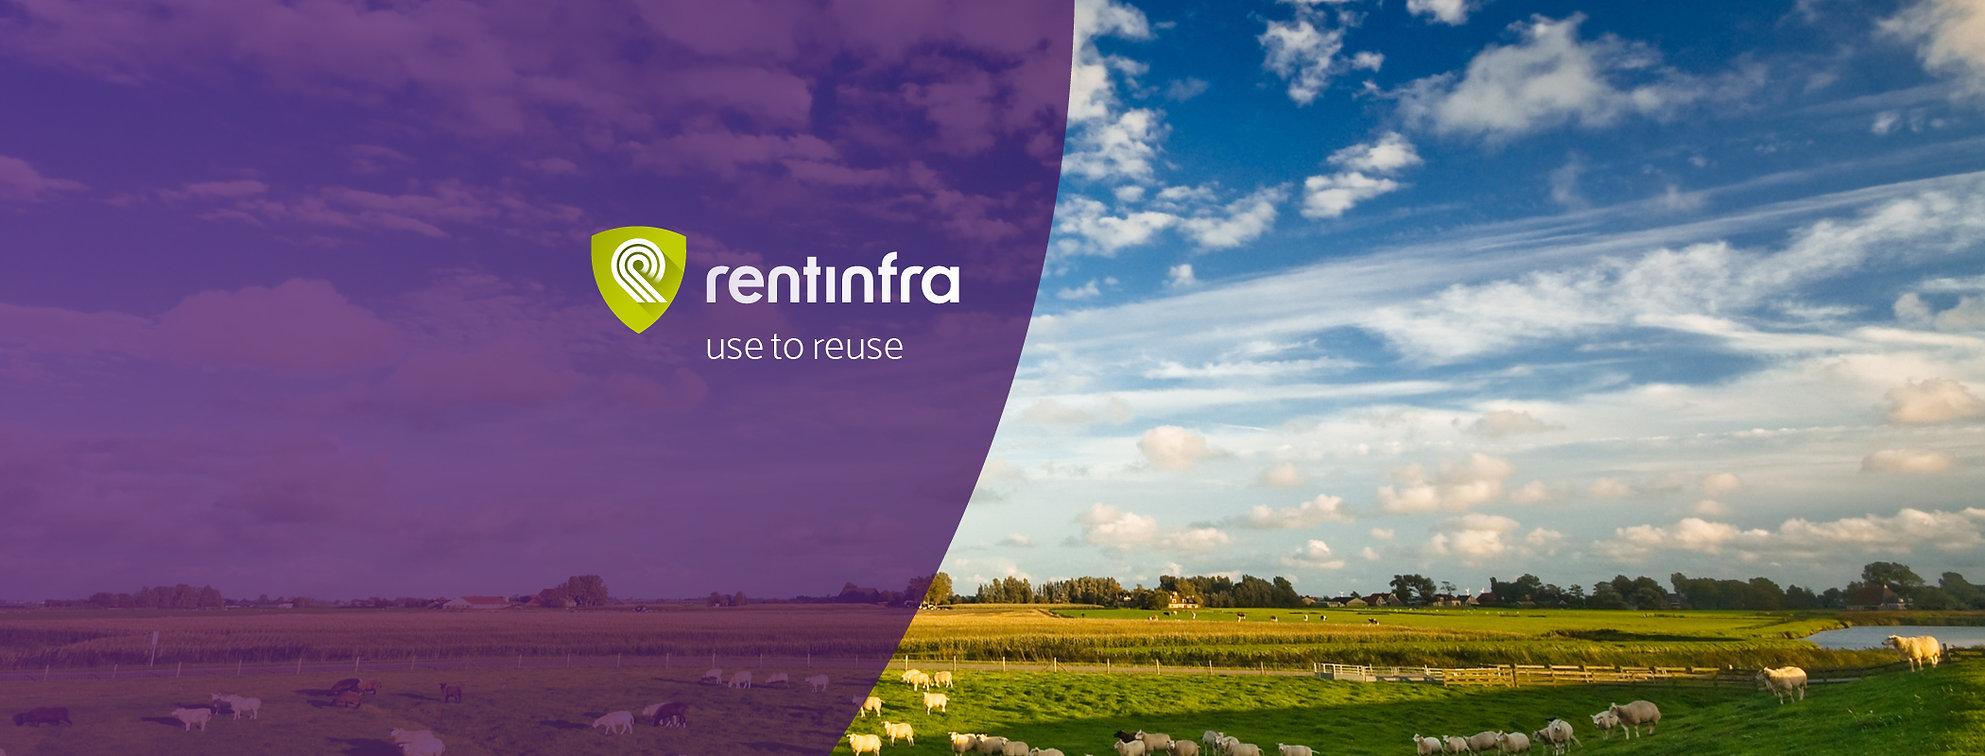 rentinfra_merkbeleving.jpg